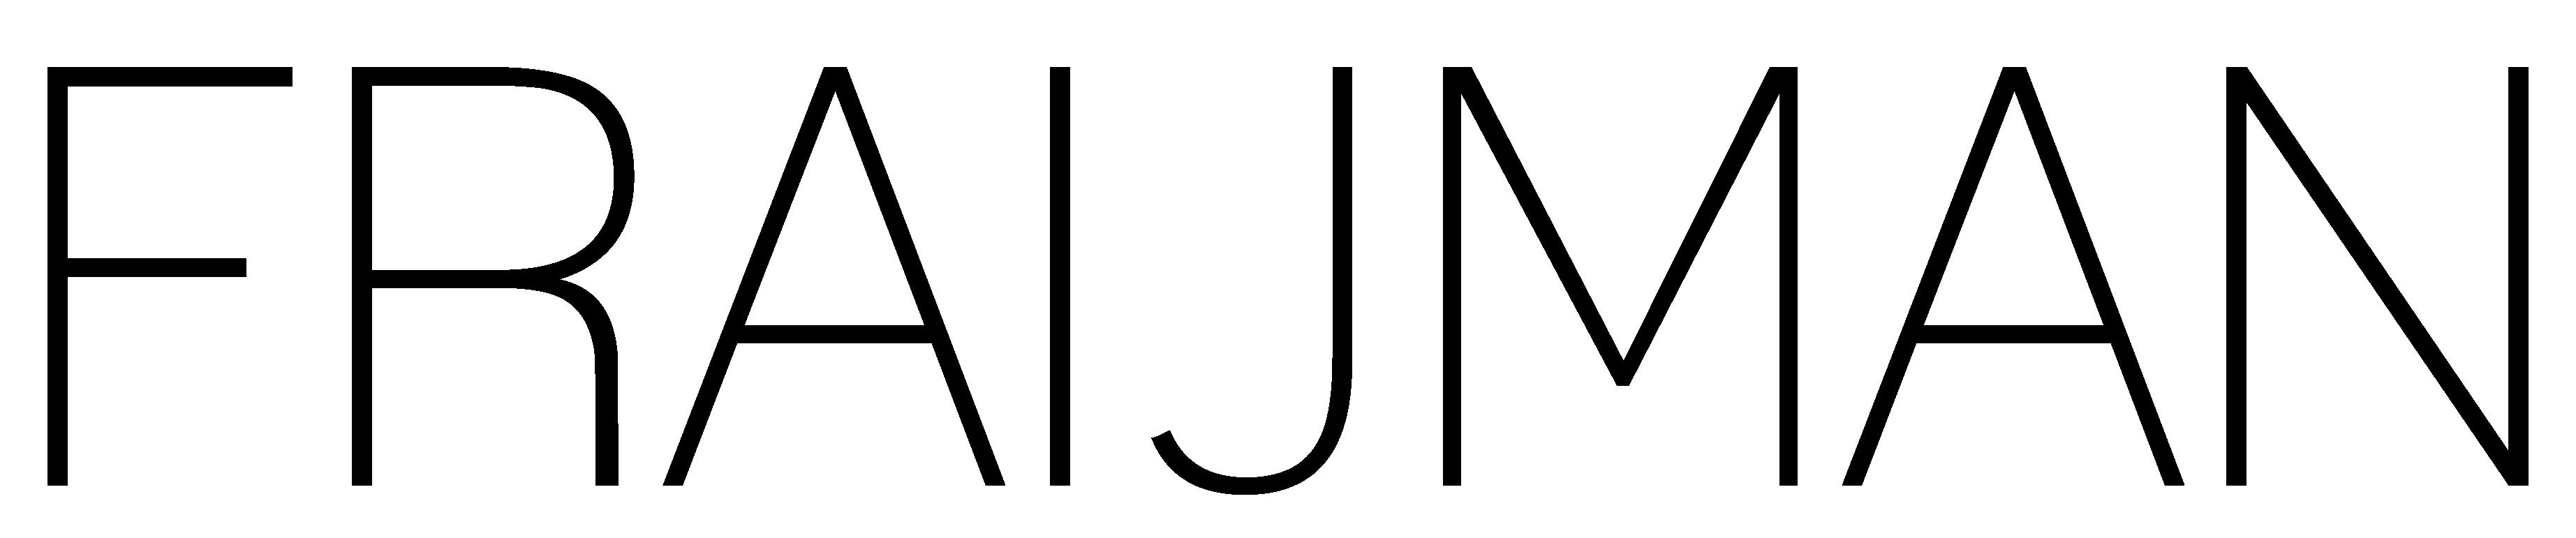 Fraijman